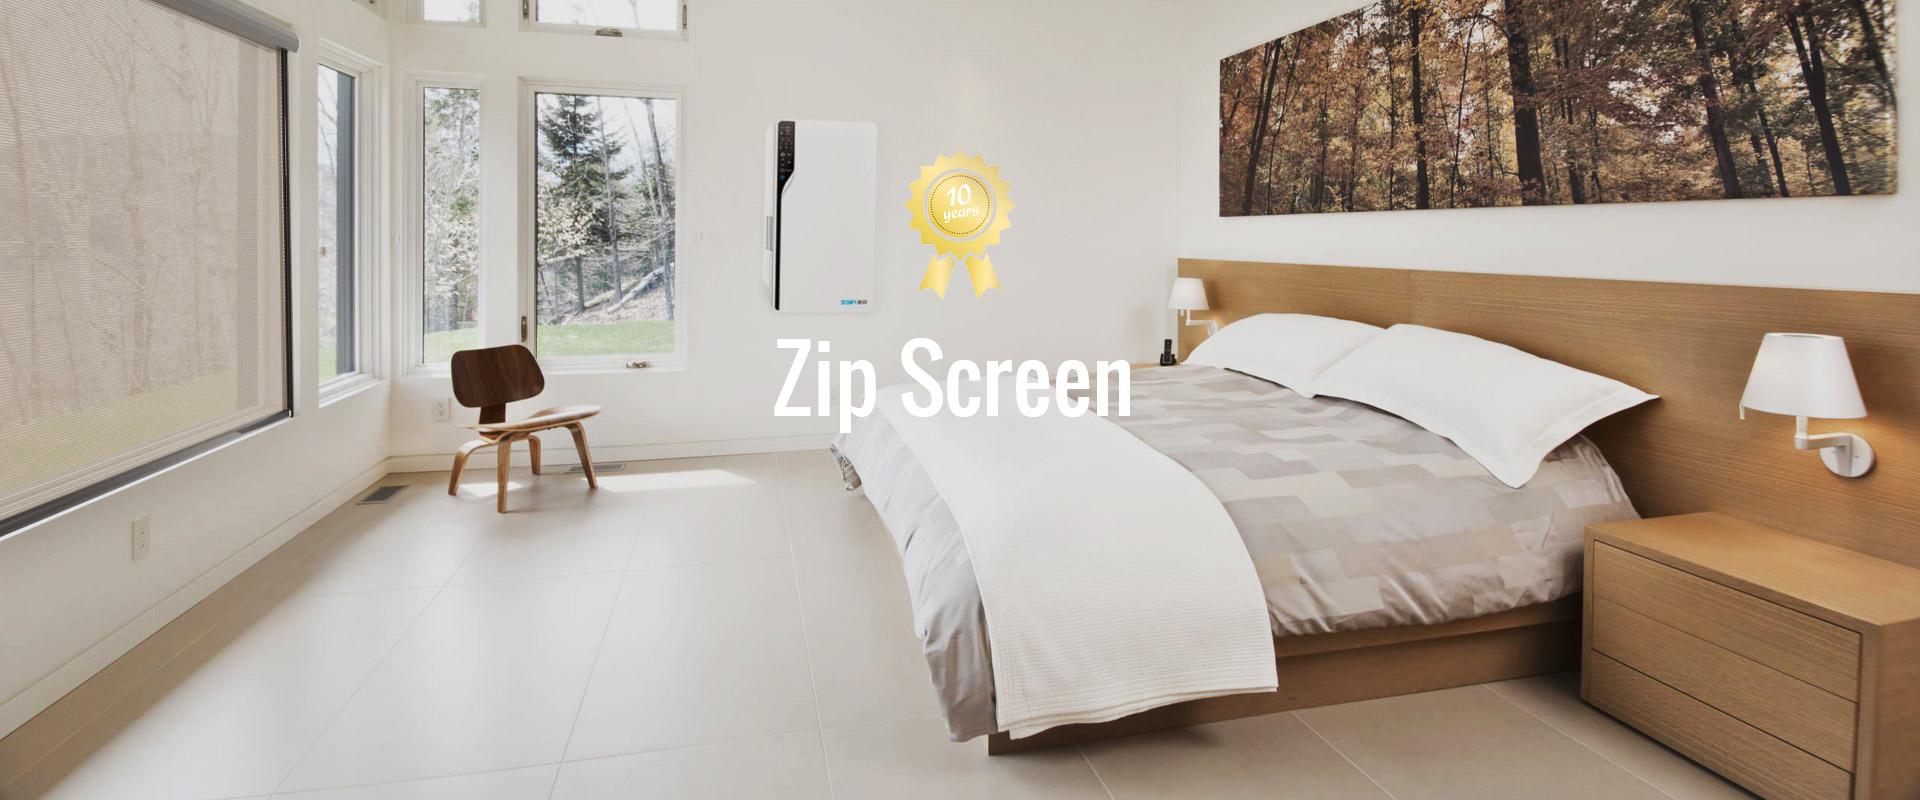 Zip Screen